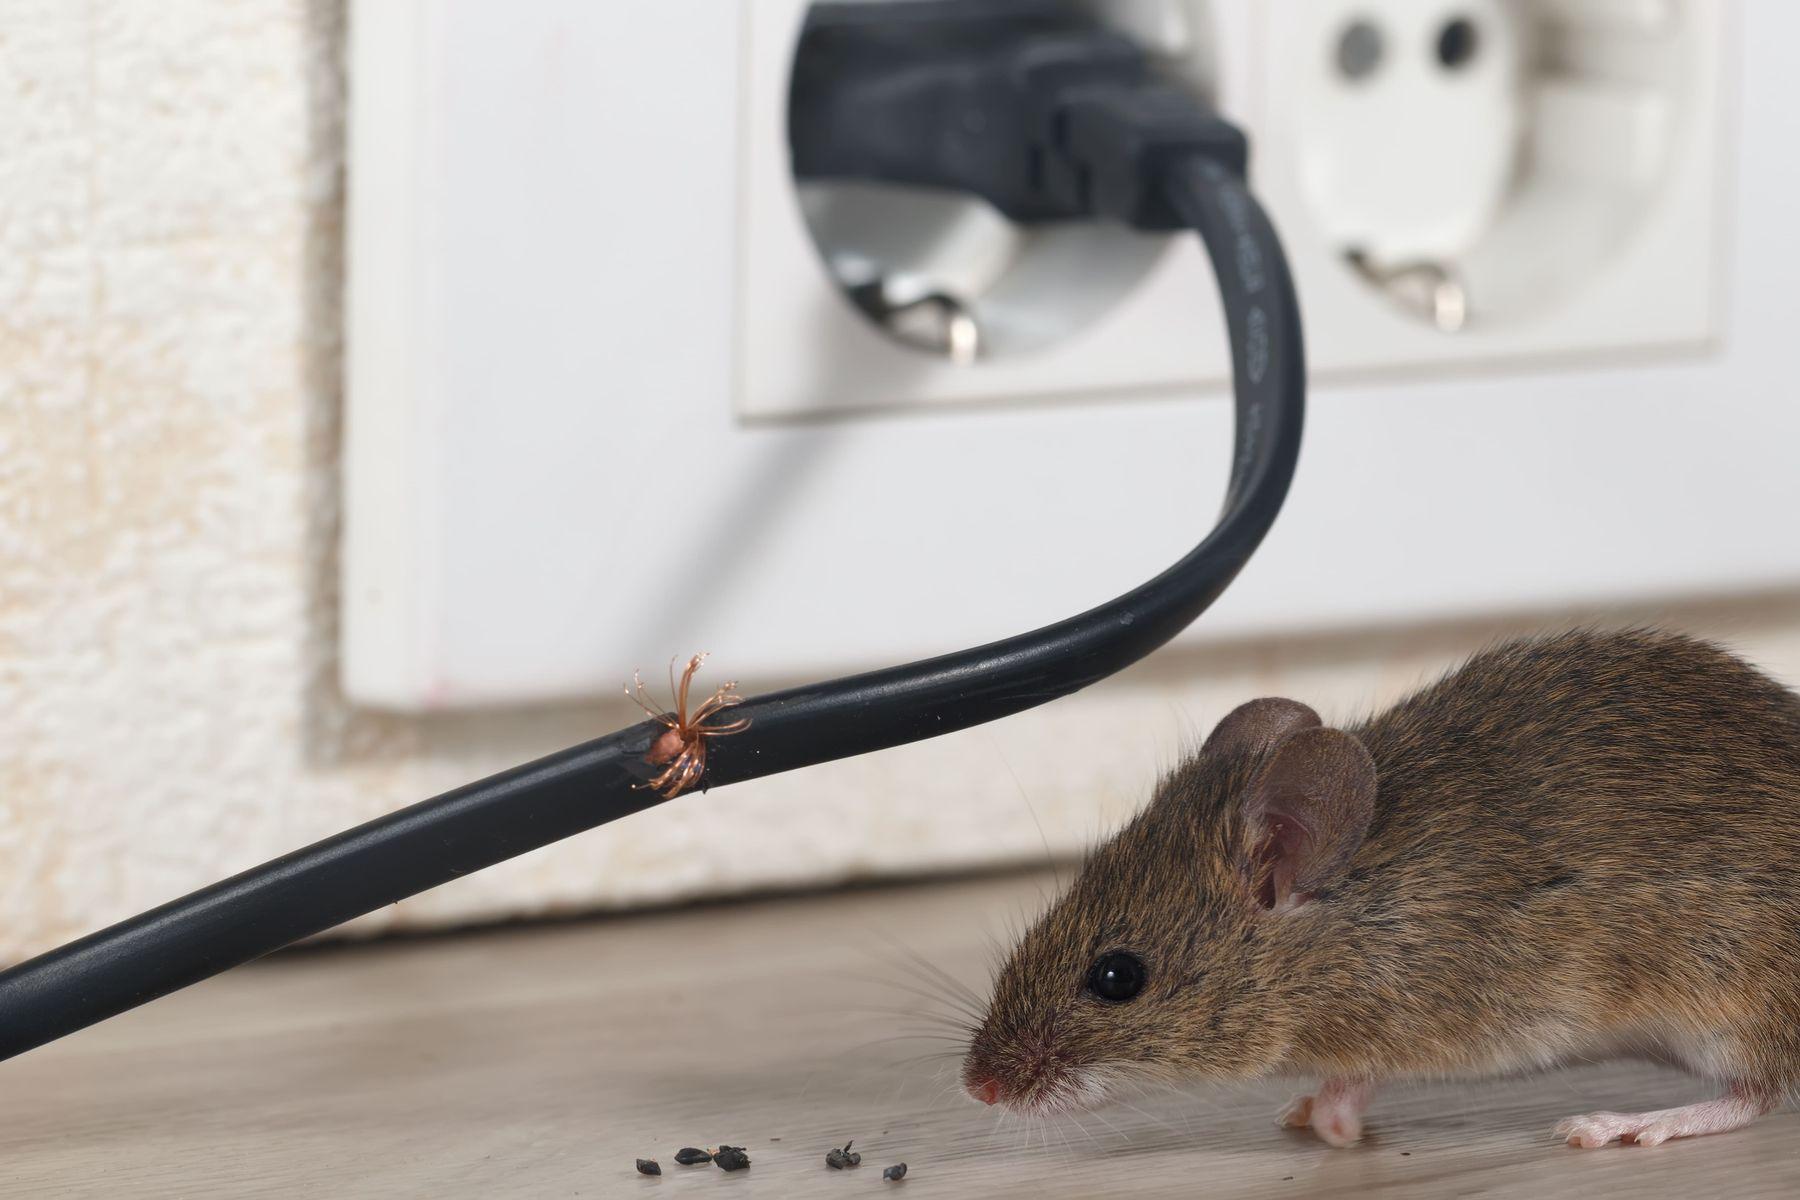 Thuốc diệt chuột nào hiệu quả nhất?